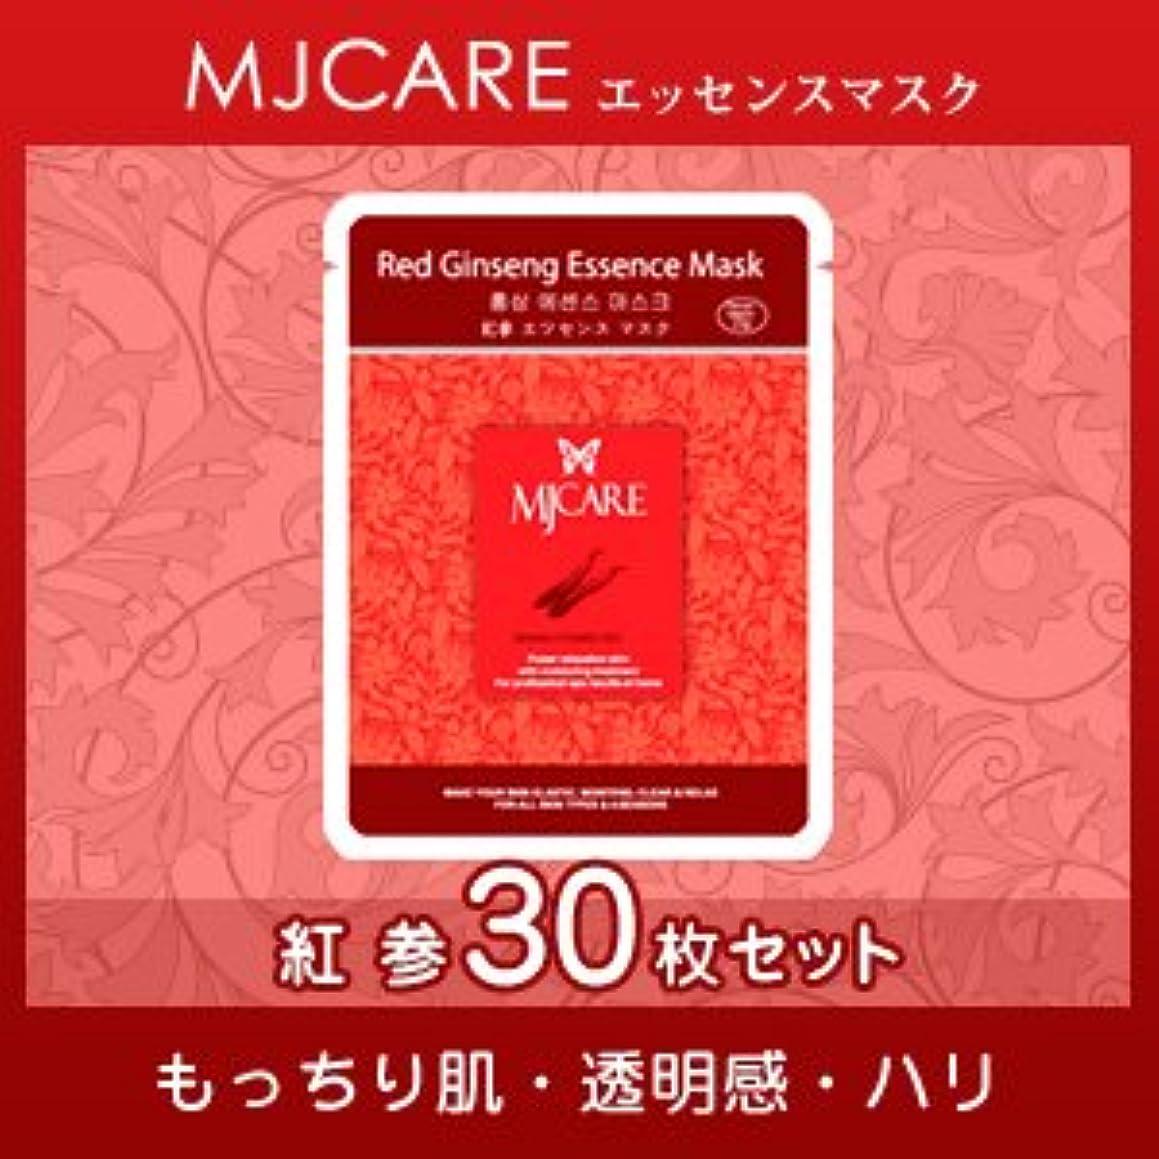 エイズアーネストシャクルトン胸MJCARE (エムジェイケア) 紅参 エッセンスマスク 30セット